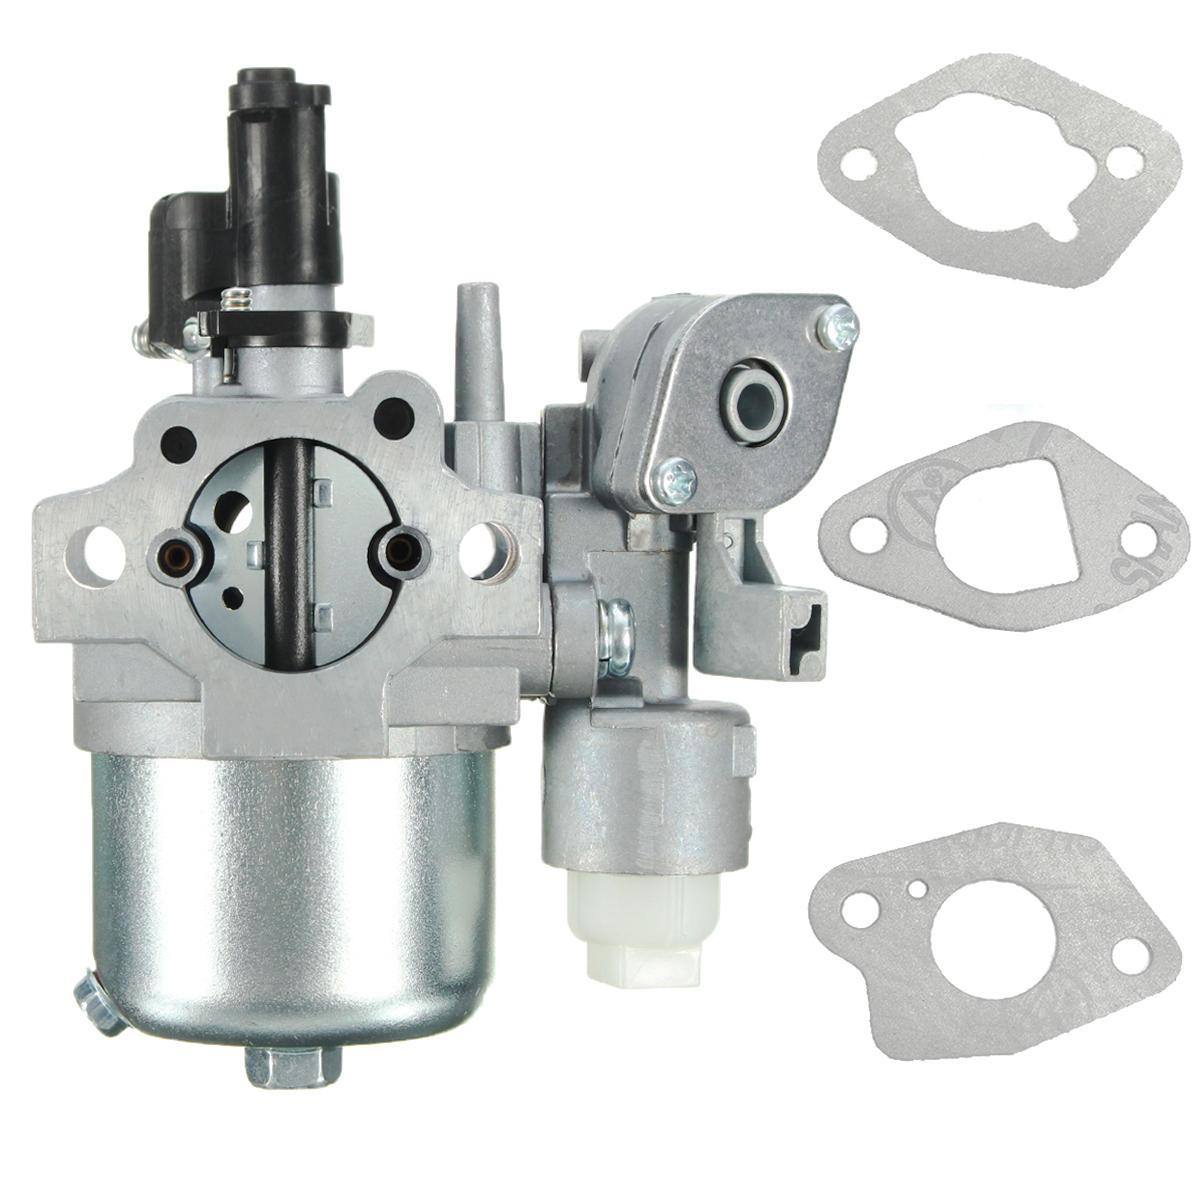 المكربن كارب ث / جوانات ل Subaru روبن EX17 EX 17 محرك المحرك 277-62301-50